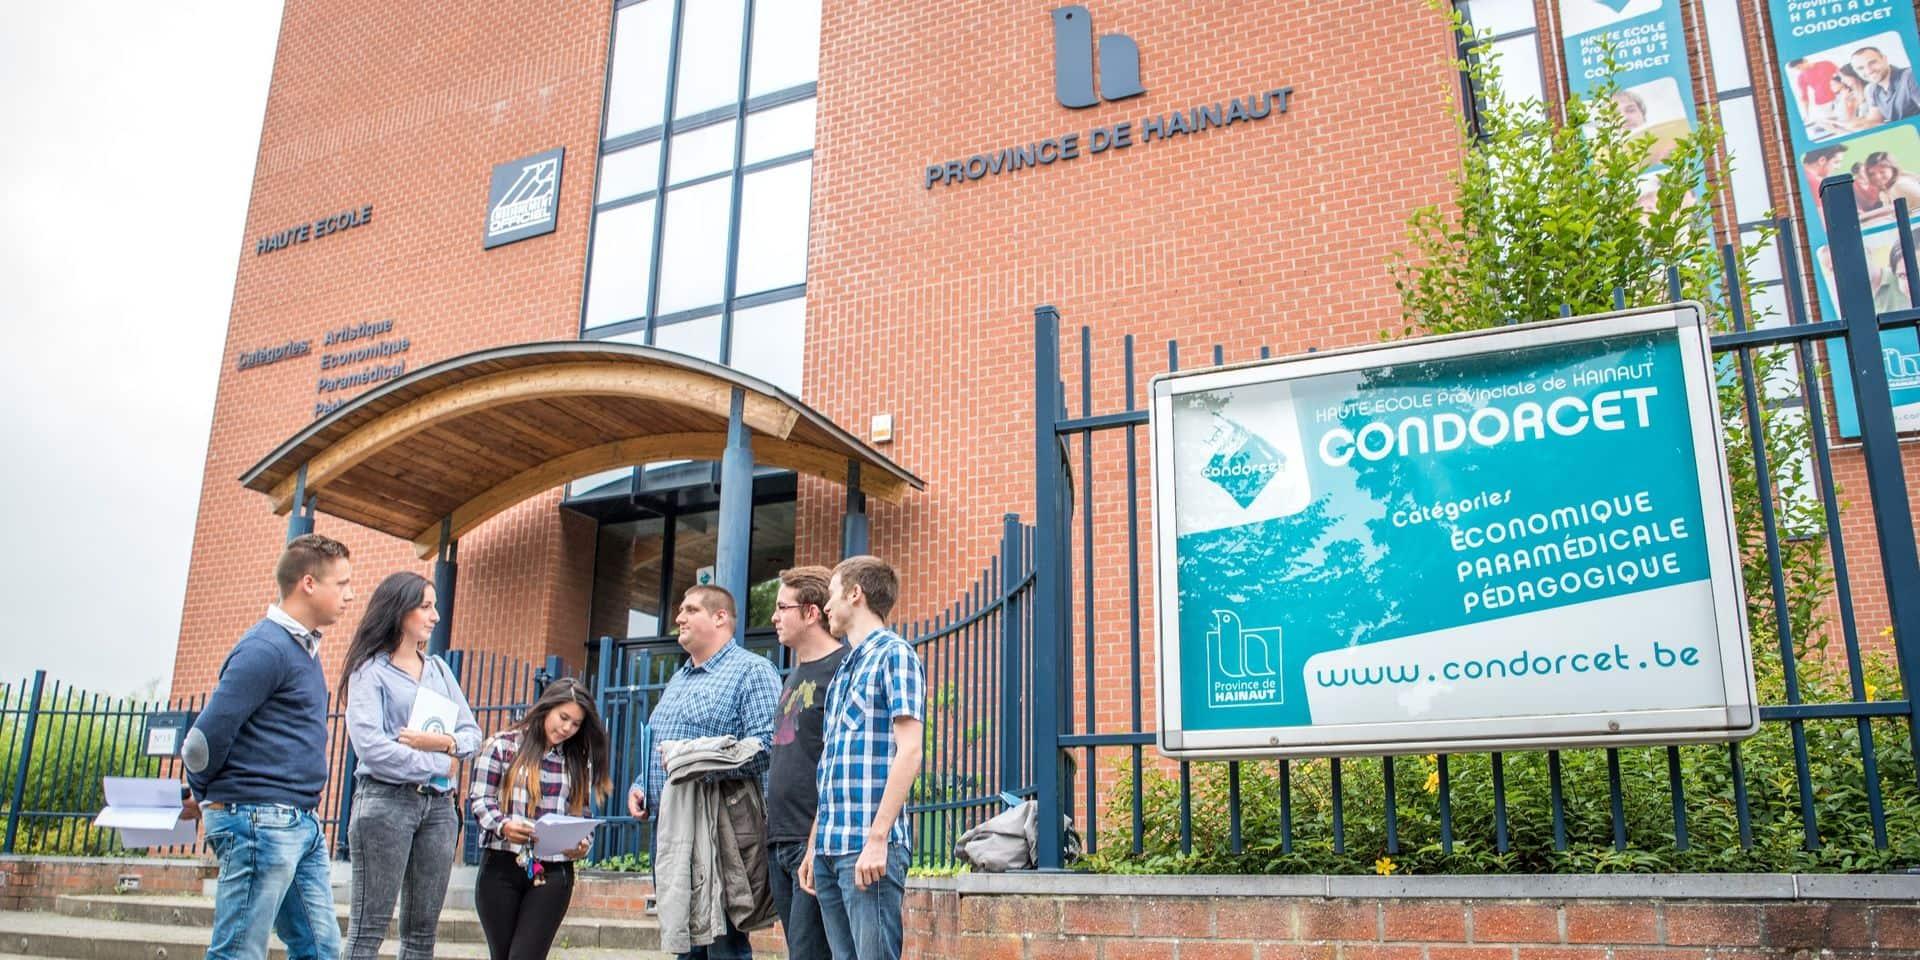 Les écoles de la province de Hainaut s'adapteront aux réalités de terrain